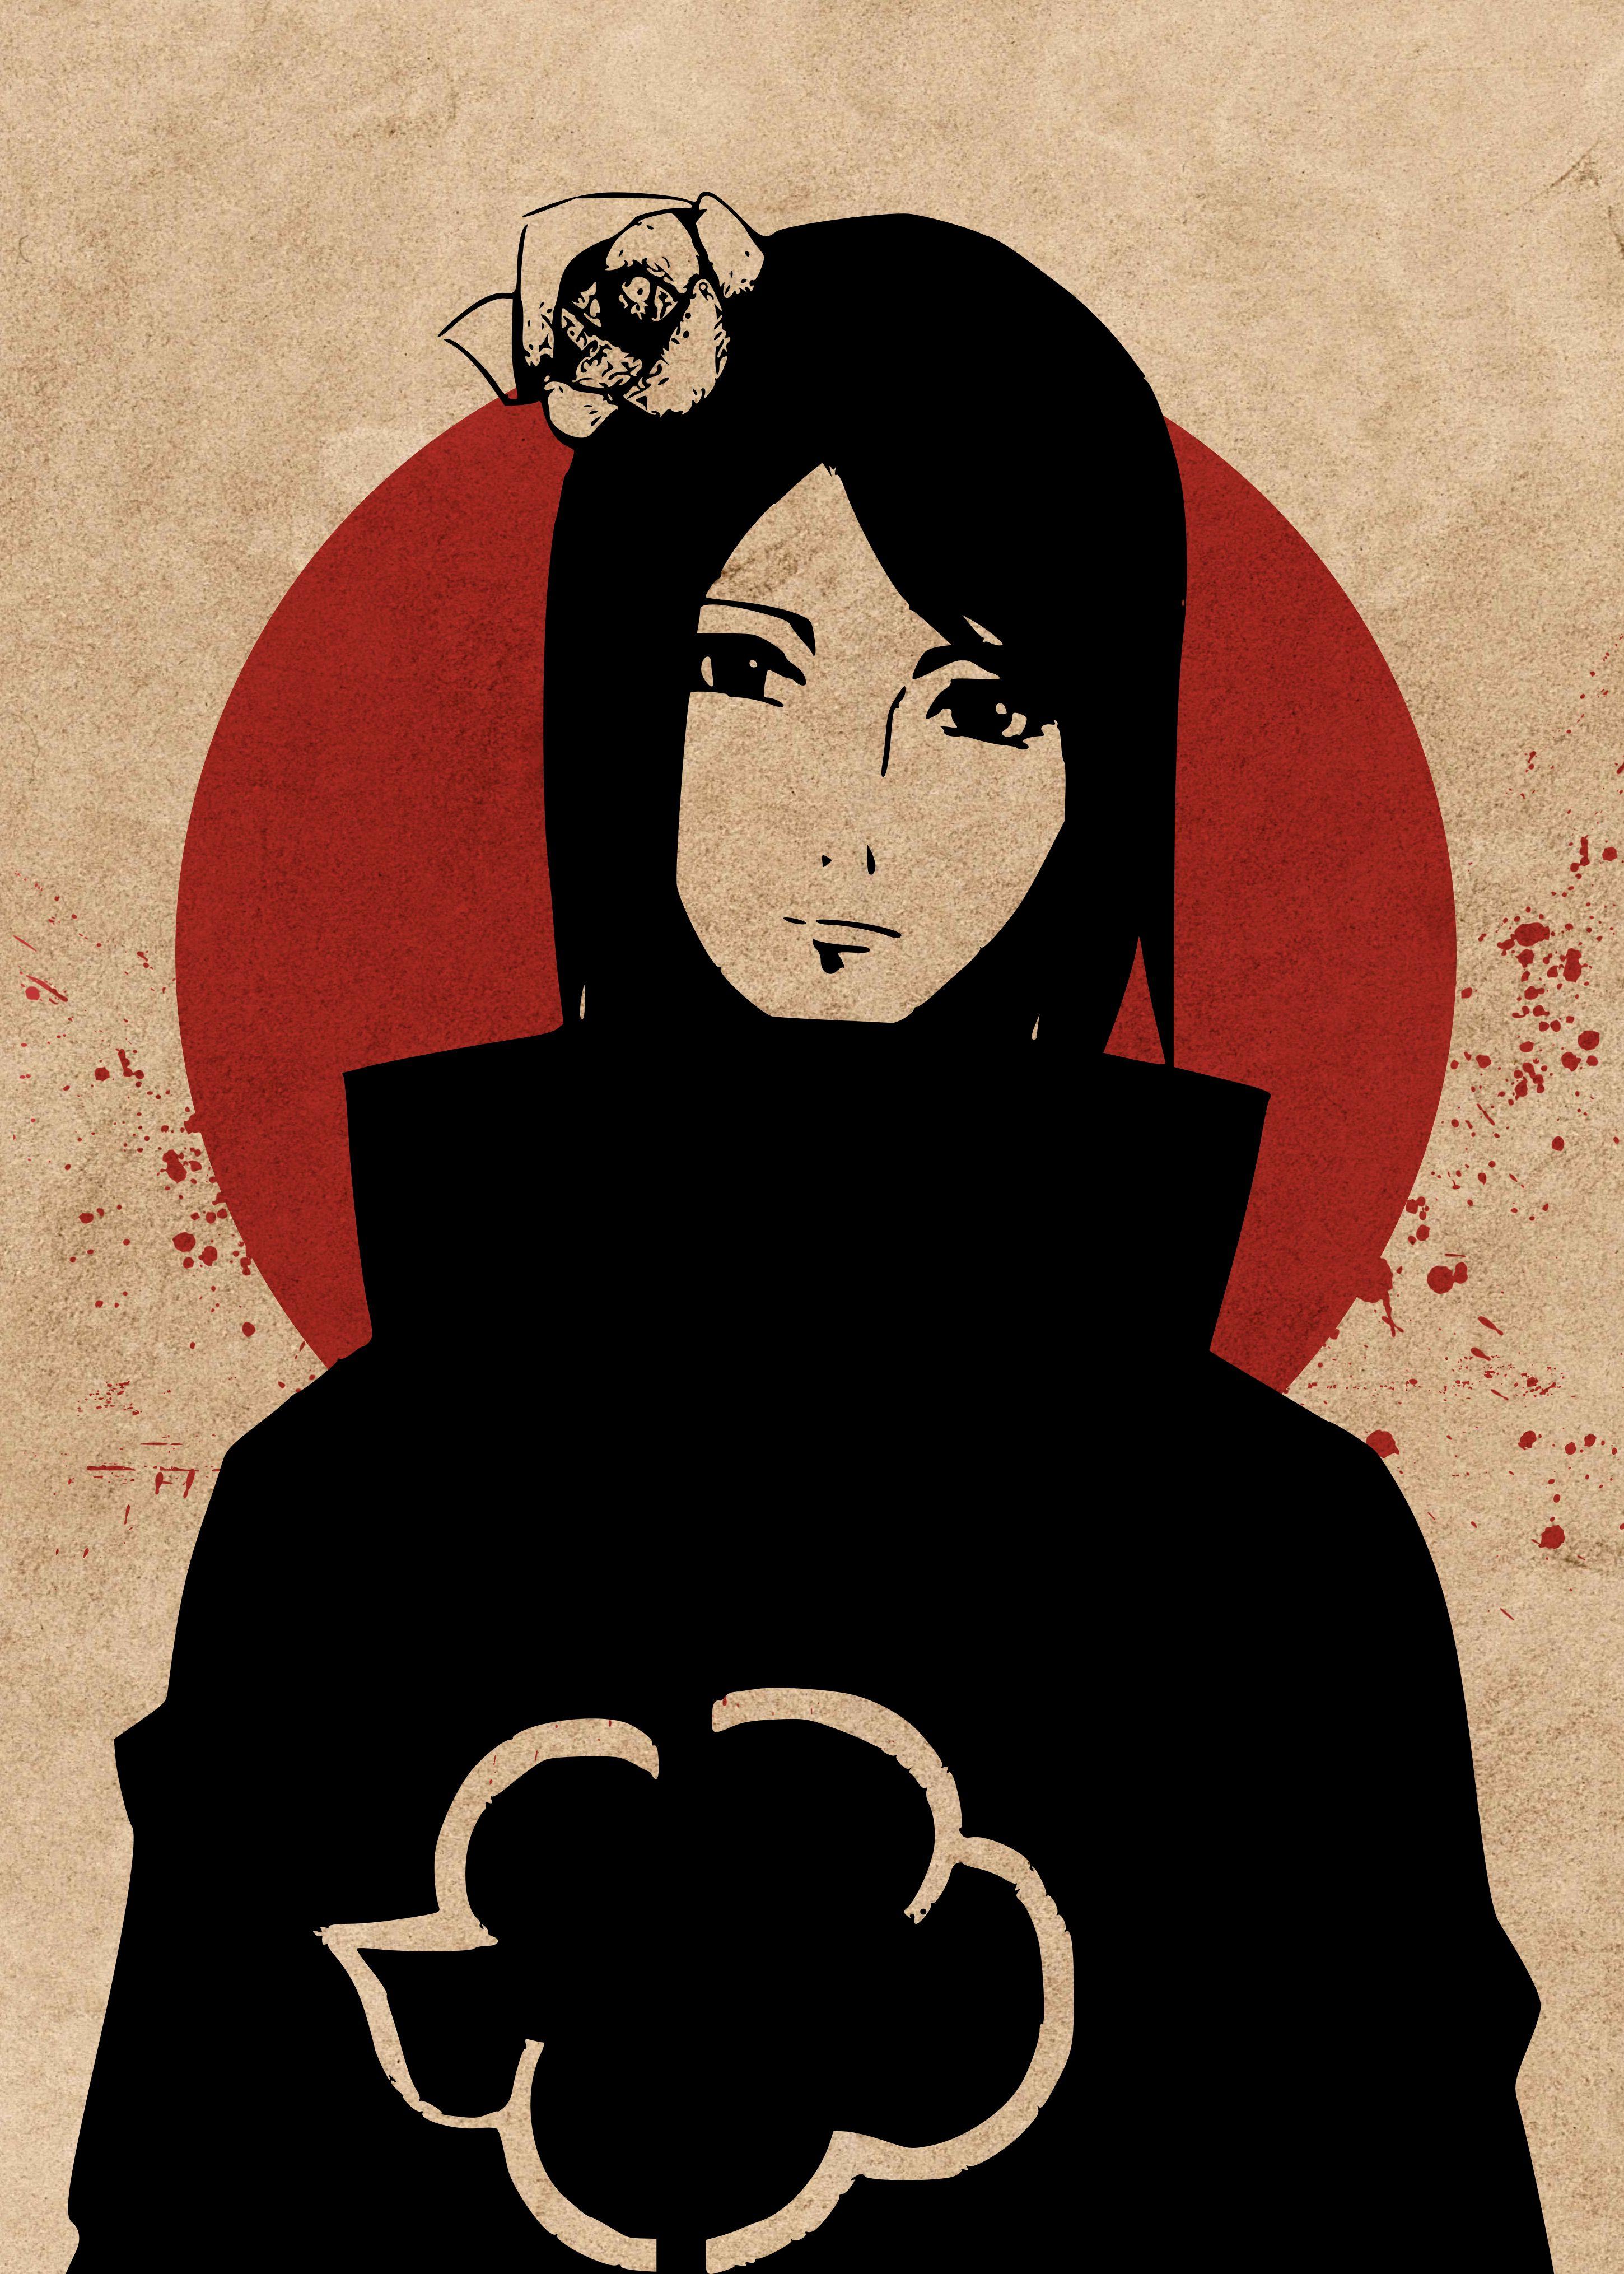 Konan Naruto Anime Konan Konan Naruto Konan Naruto Art